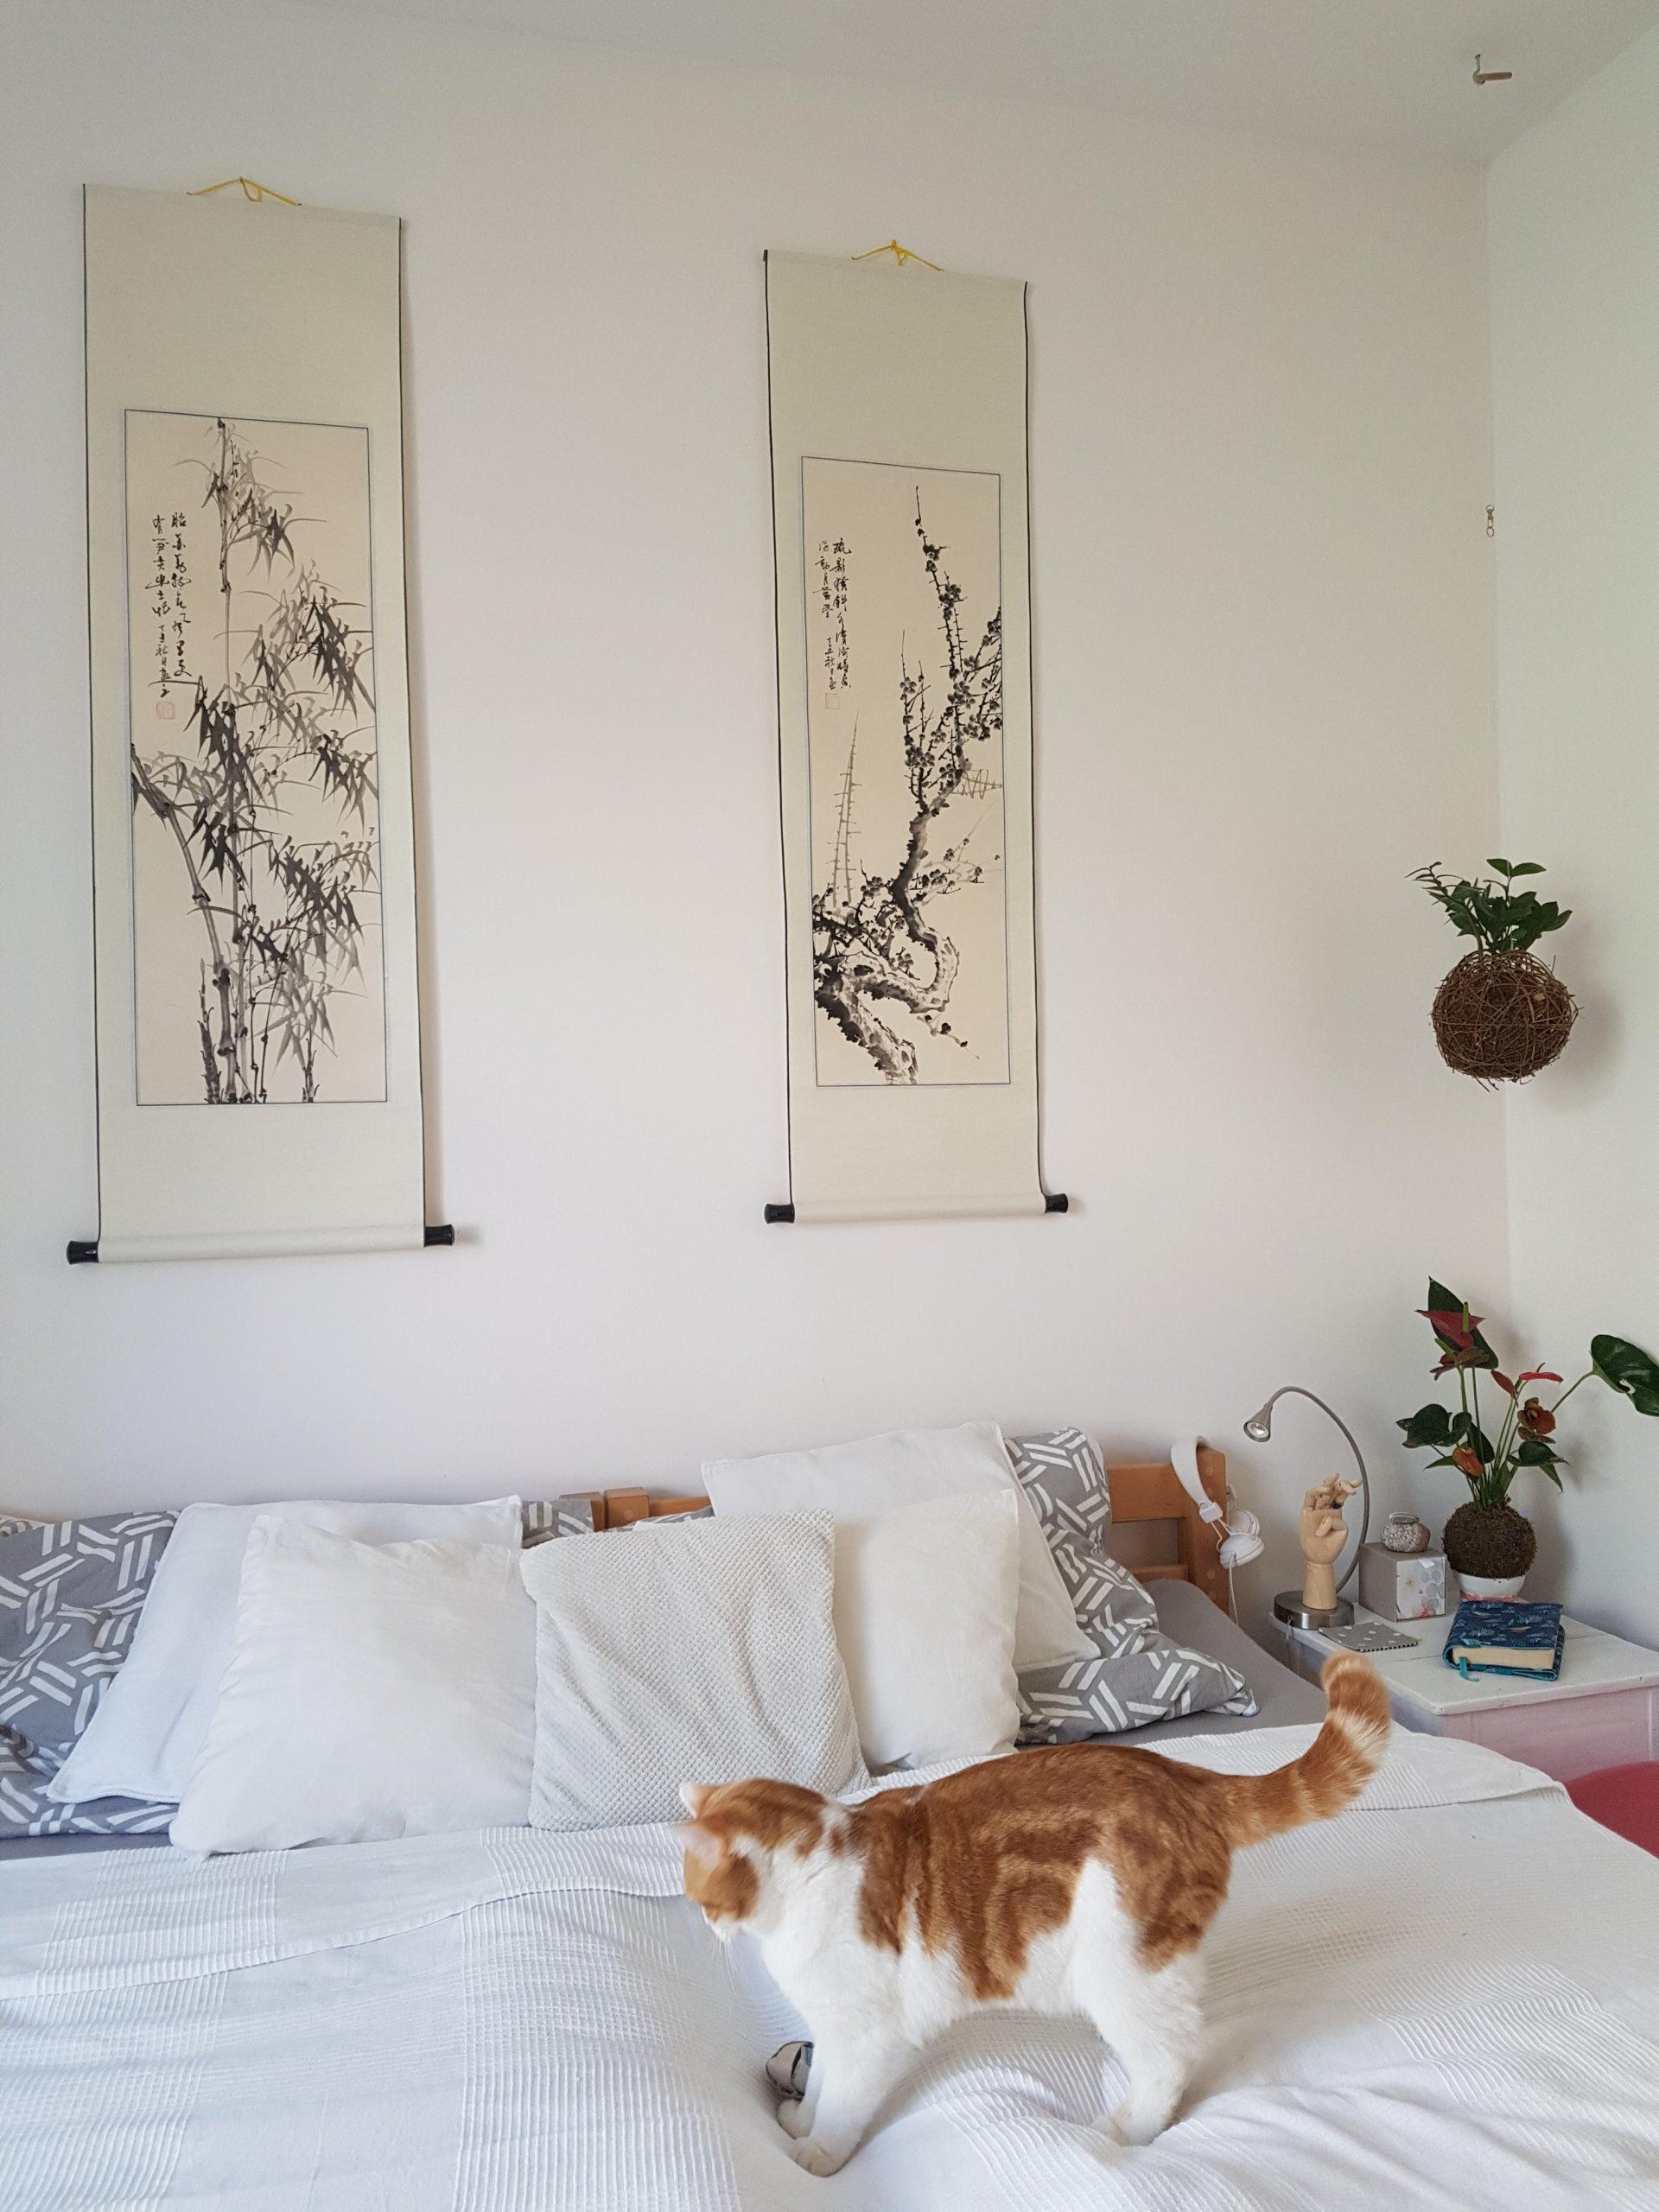 Ložnici zdobí orientální kaligrafie